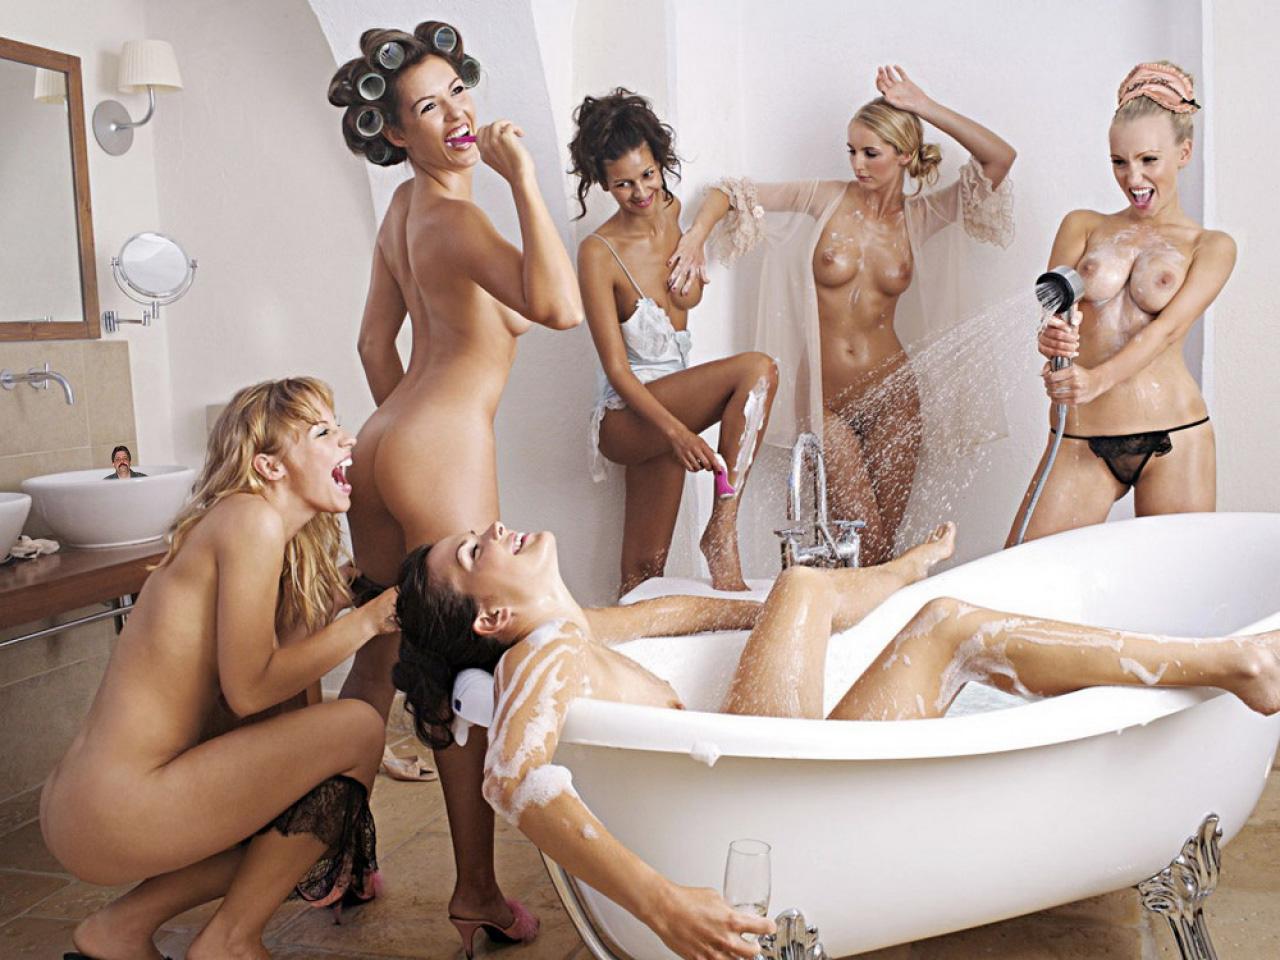 Фото еротика раздевание 20 фотография